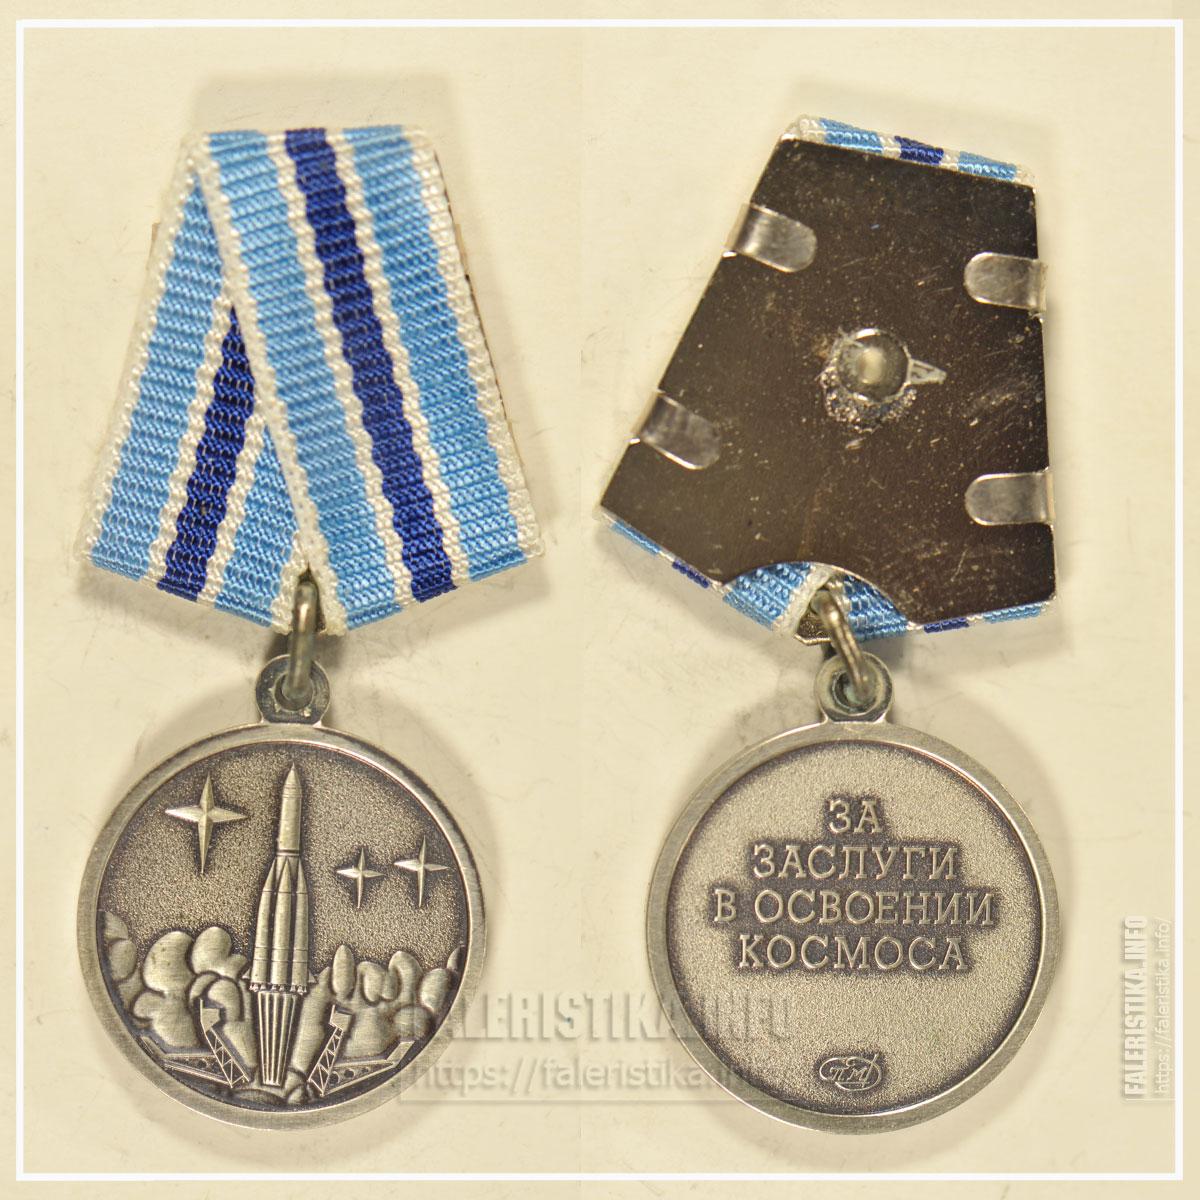 Медаль «За заслуги в освоении космоса». Миниатюрная копия знака (фрачник). Санкт-Петербургский монетный двор